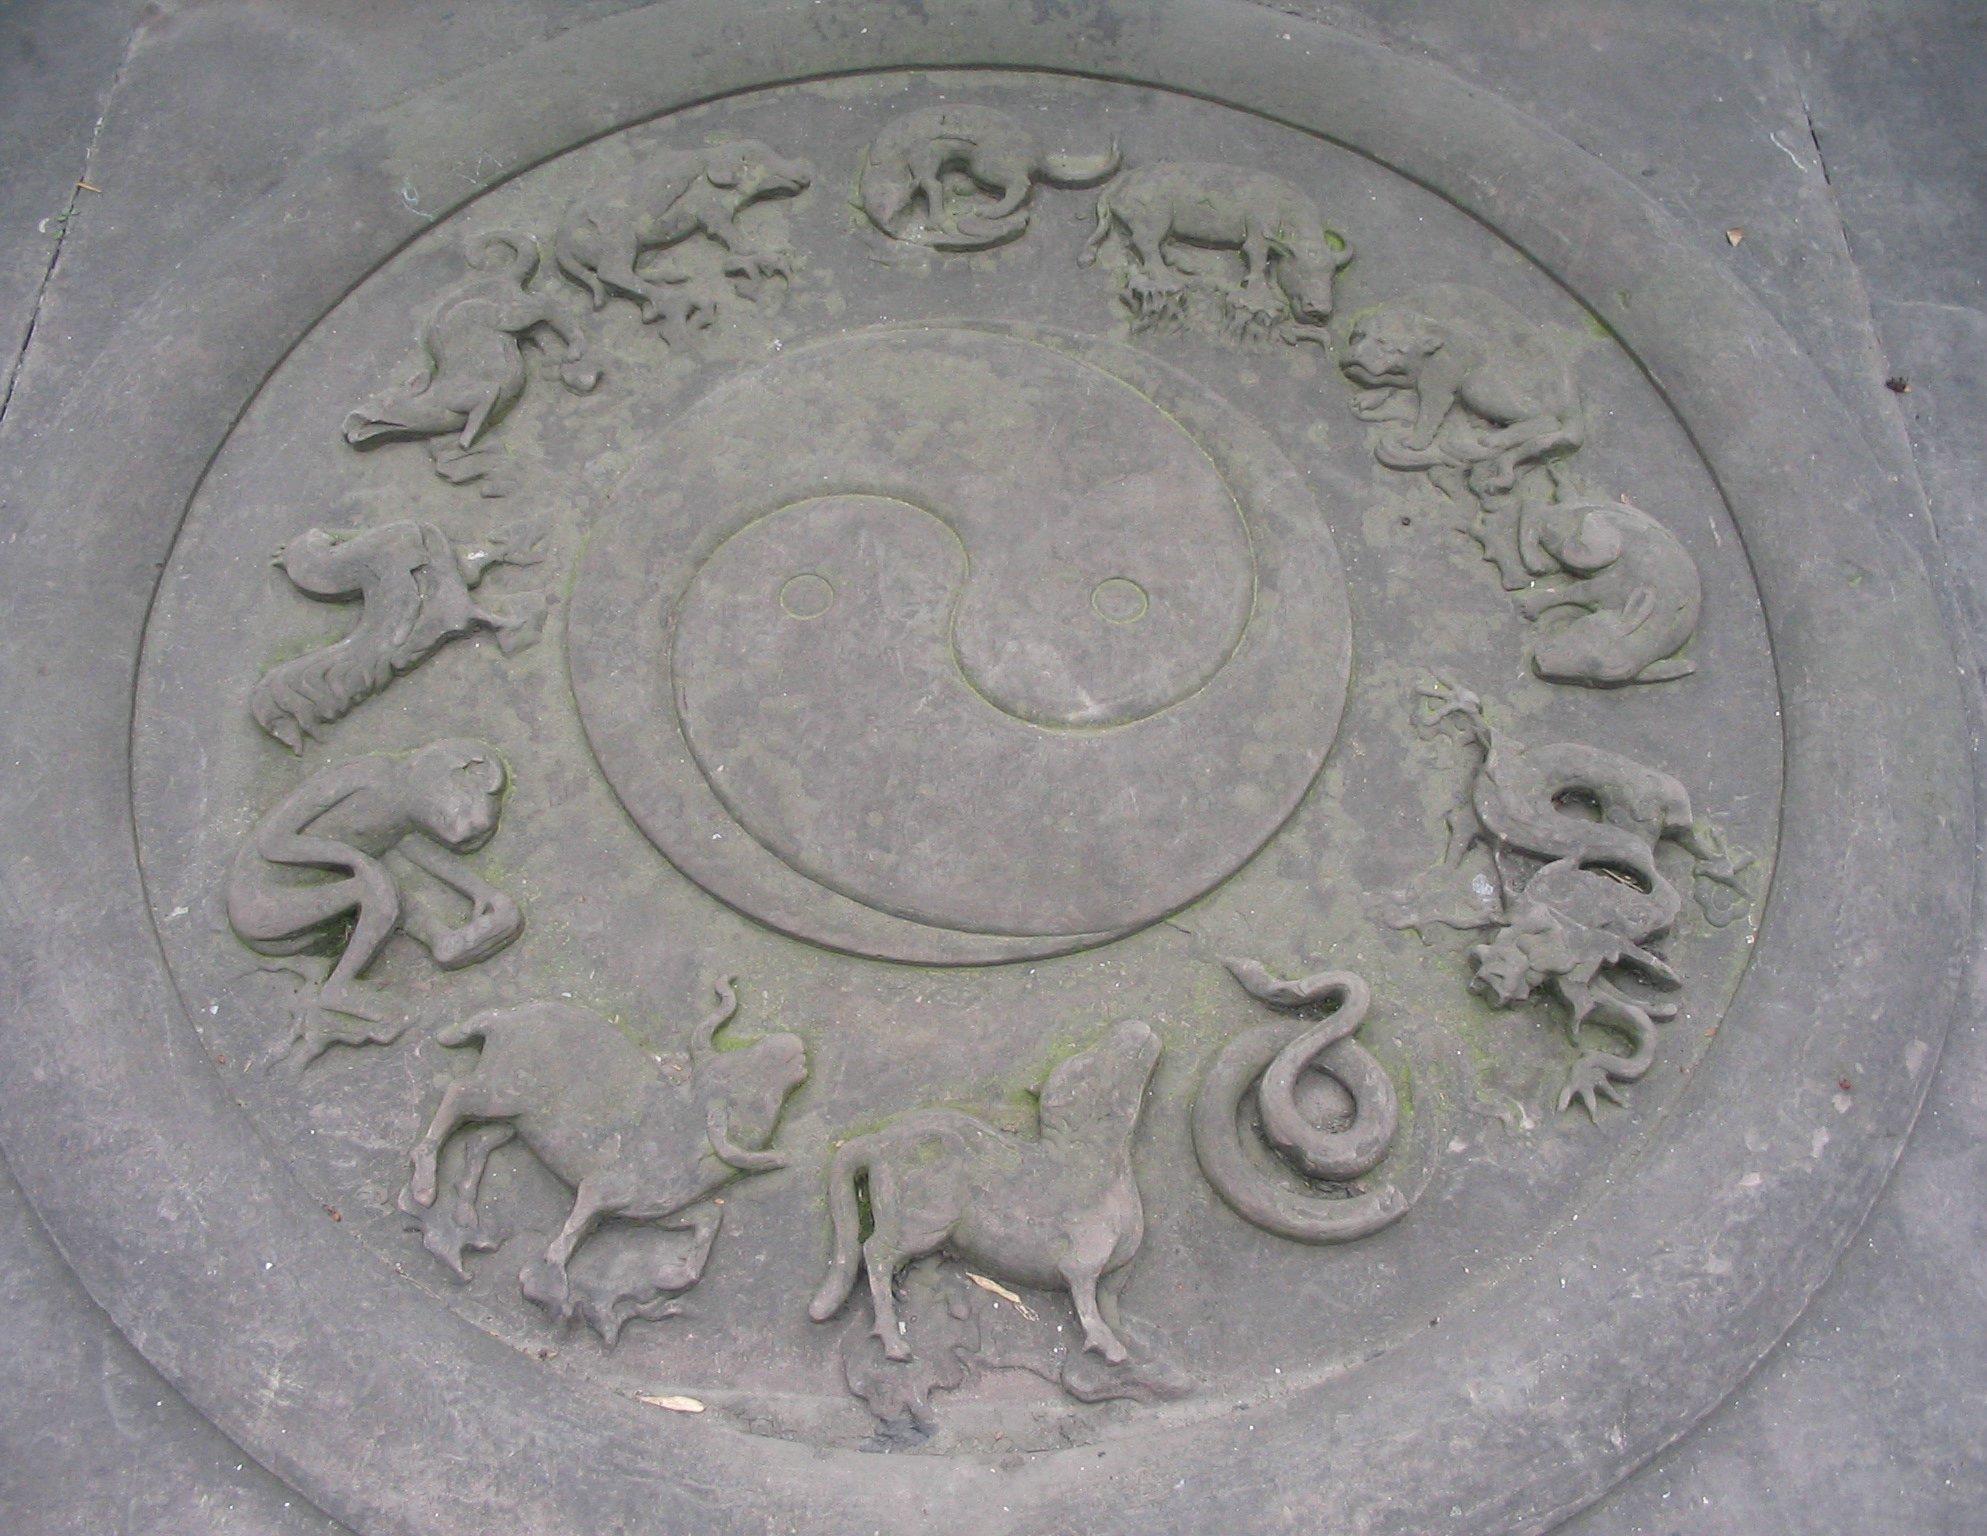 mérkőzés készítése horoszkóp marathi teljesen ingyenes társkereső oldalak sydney-ben